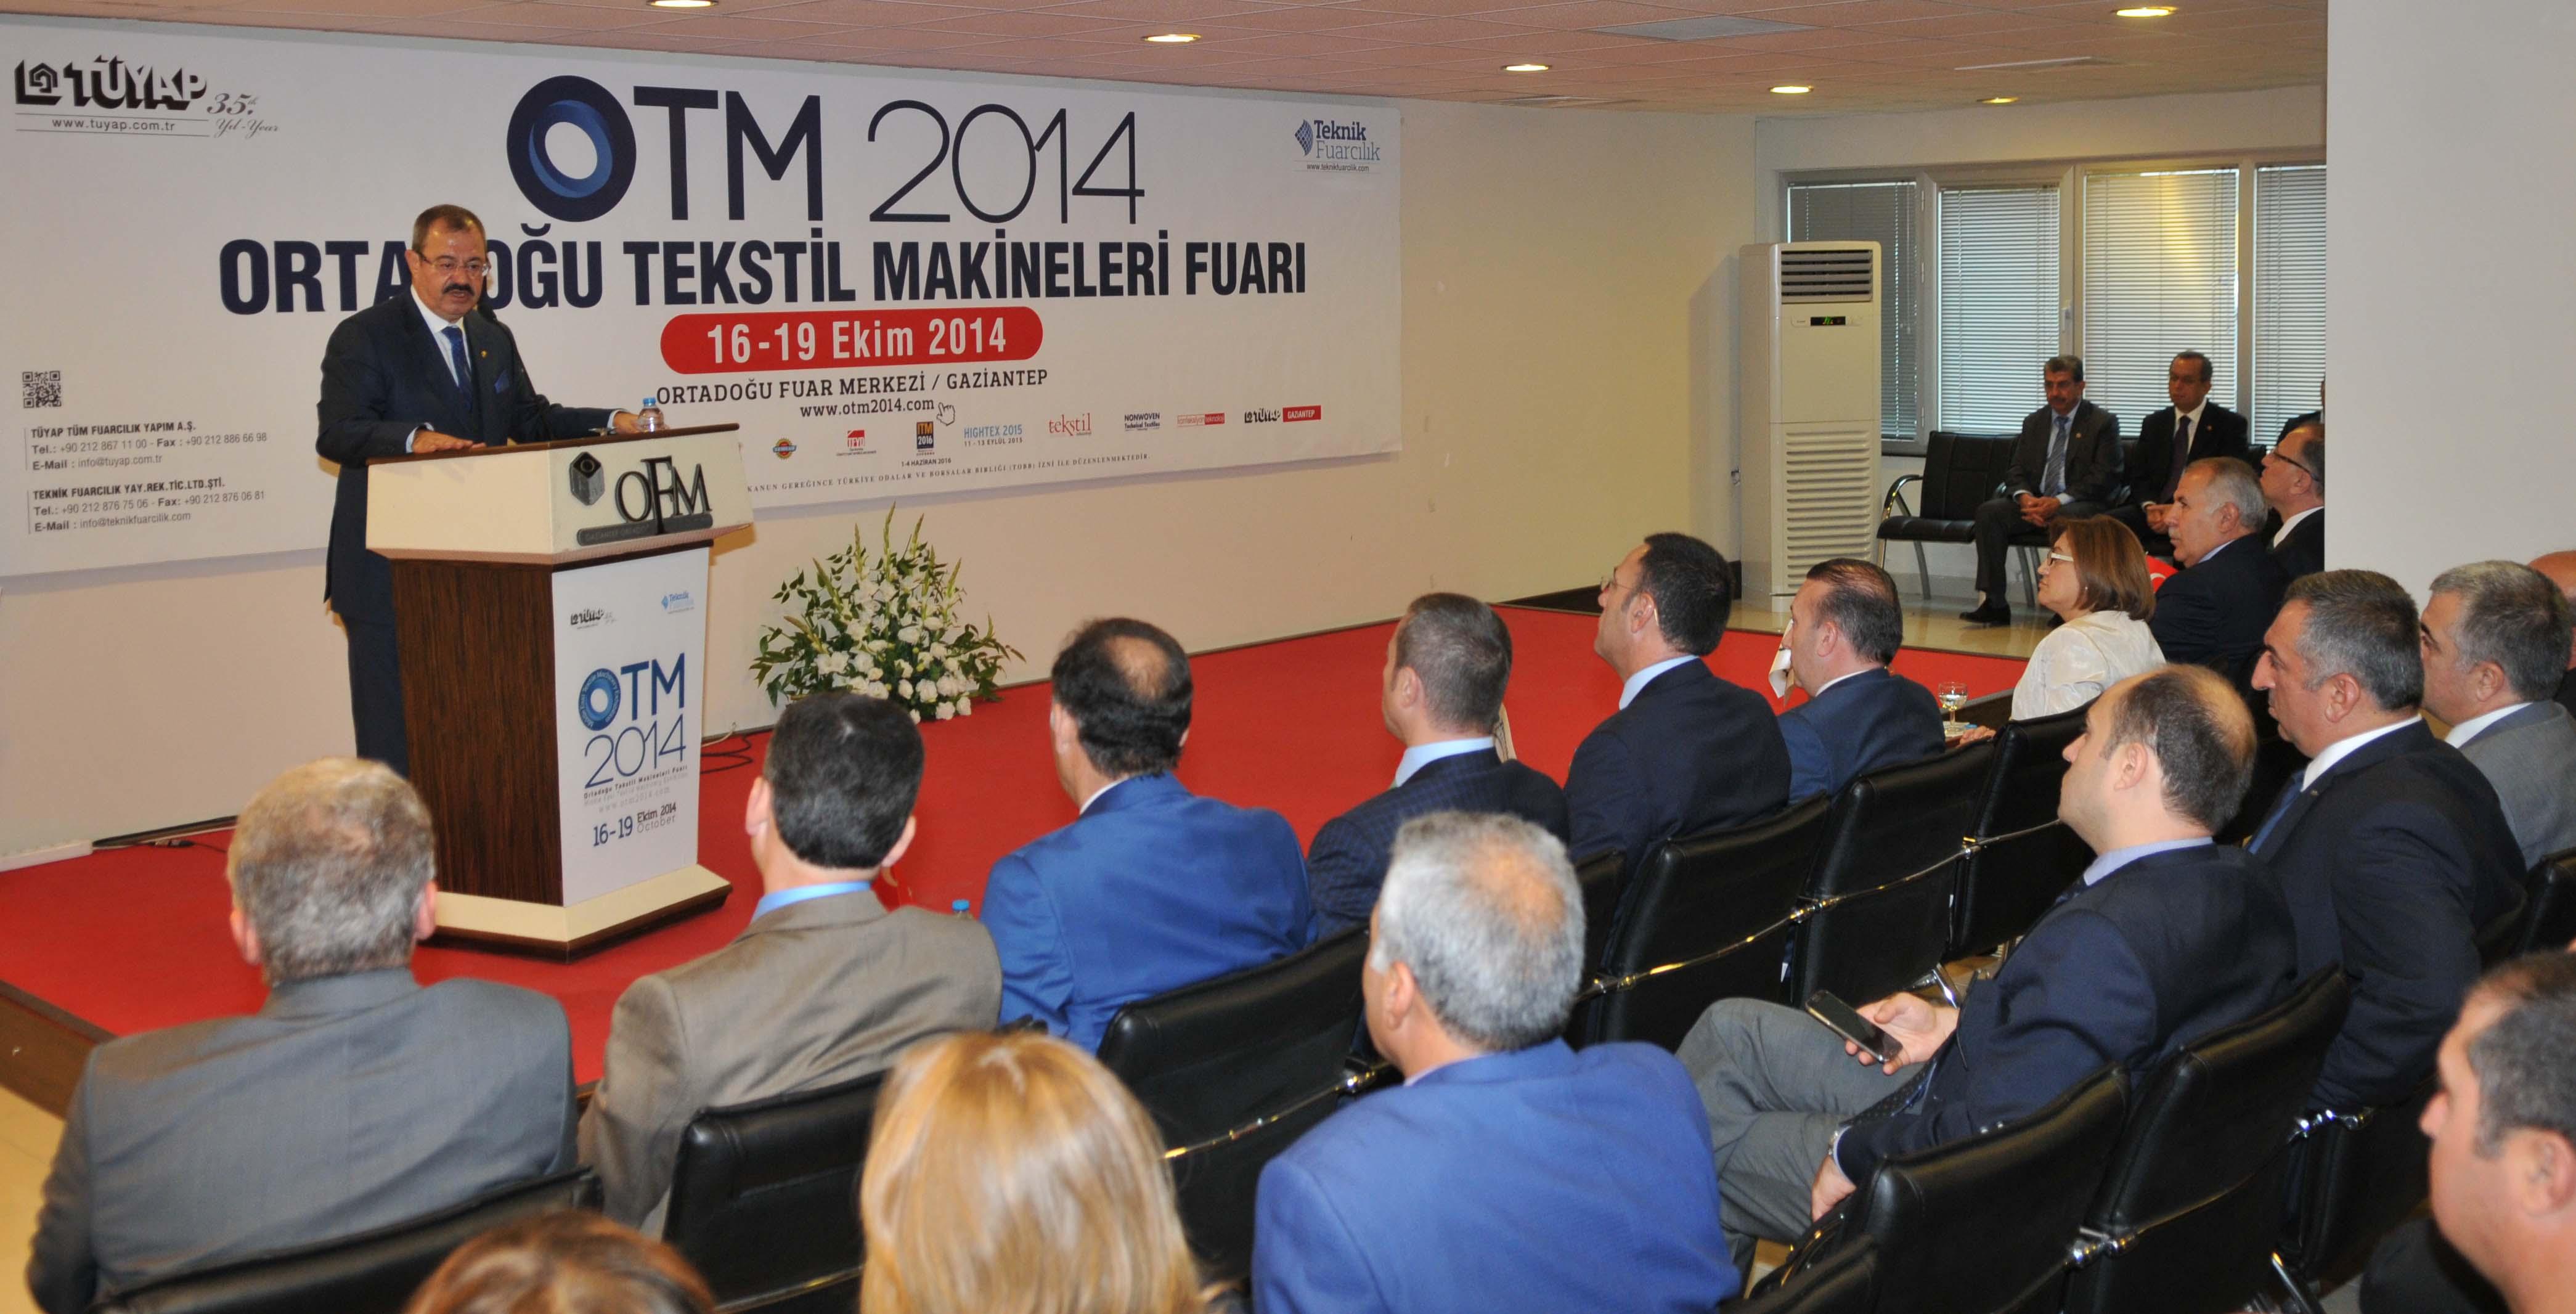 """OTM 2014''ORTADOĞU TEKSTİL MAKİNALARI FUARI"""" FİRMA GÖRSELLERİ"""